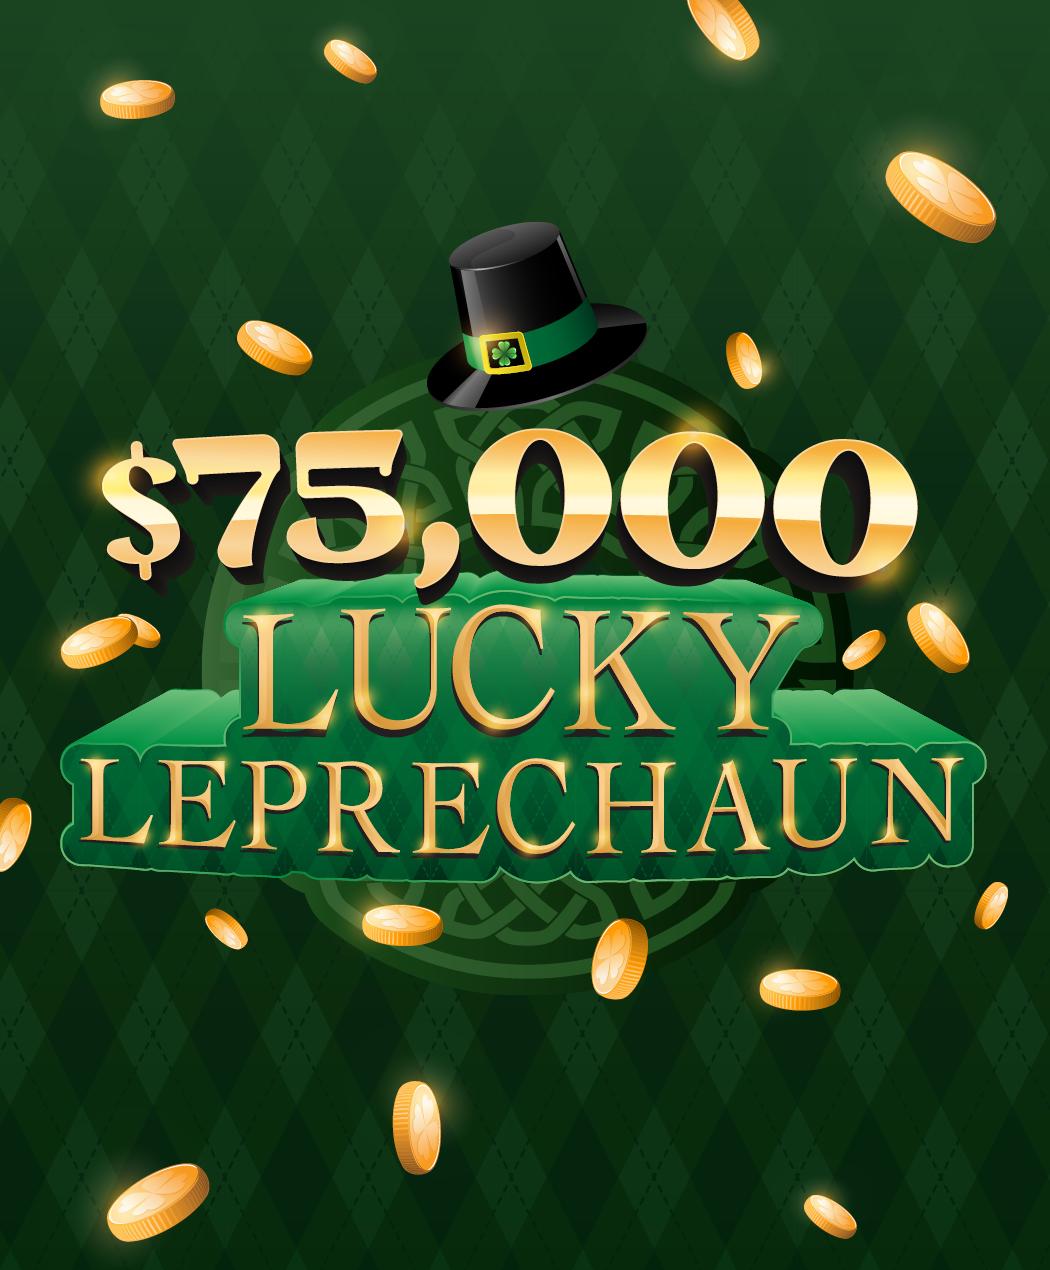 $75,000 Lucky Leprechaun